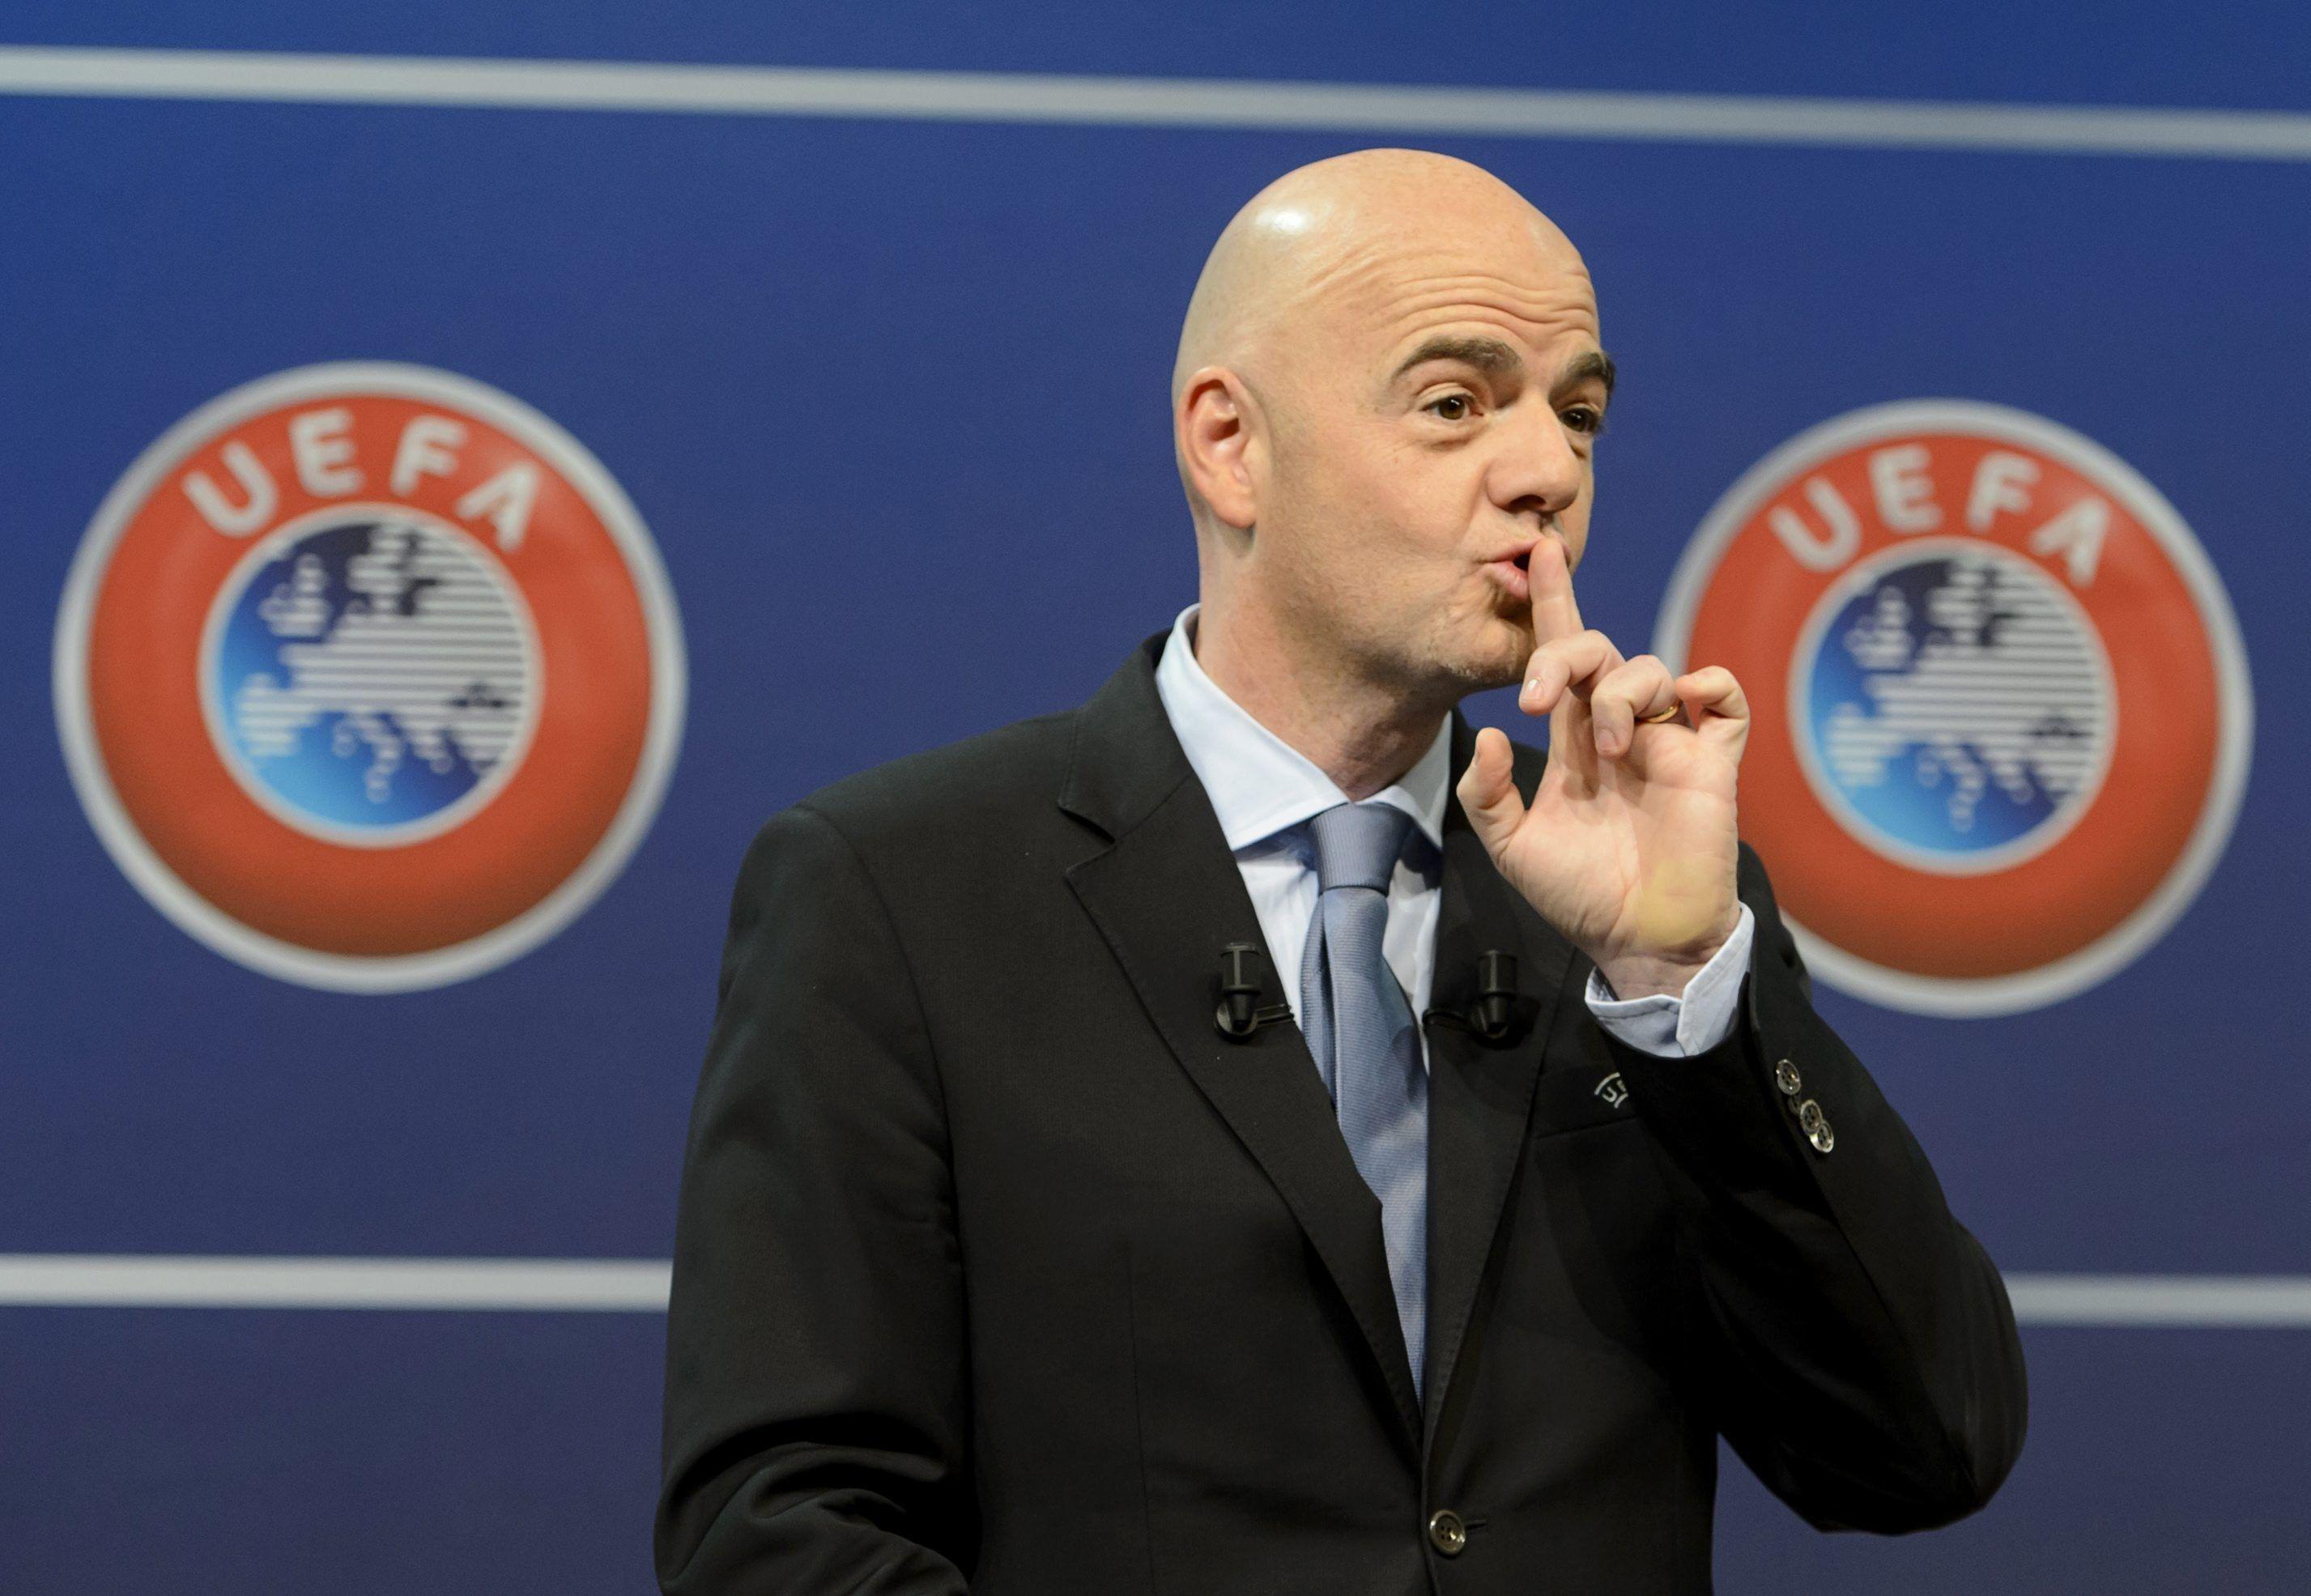 El suizo quiere patear el tablero dentro de nueve años